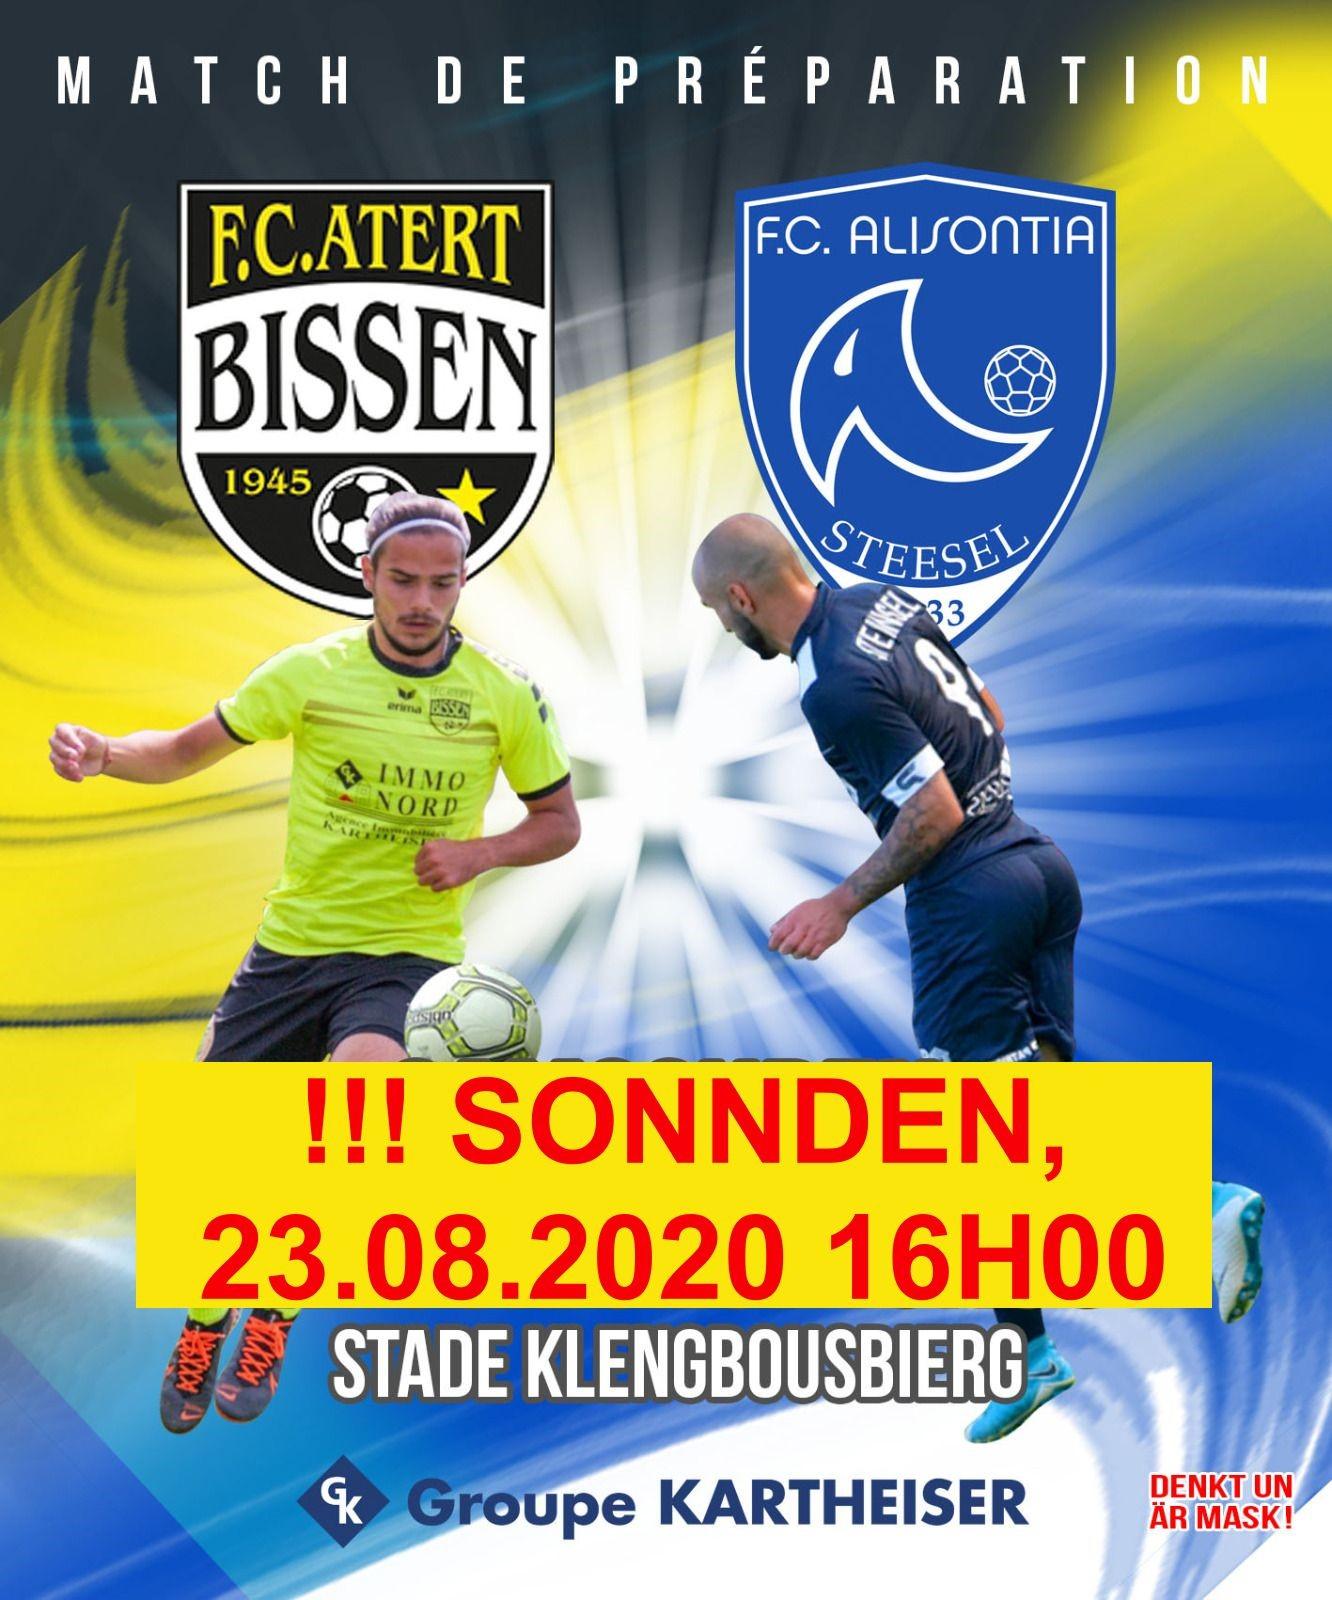 Den Mätch FC Atert Bissen - FC Alisontia Steinsel ass op e Sonnden 23 August 2020 um 16H00 verluecht ginn!!!!